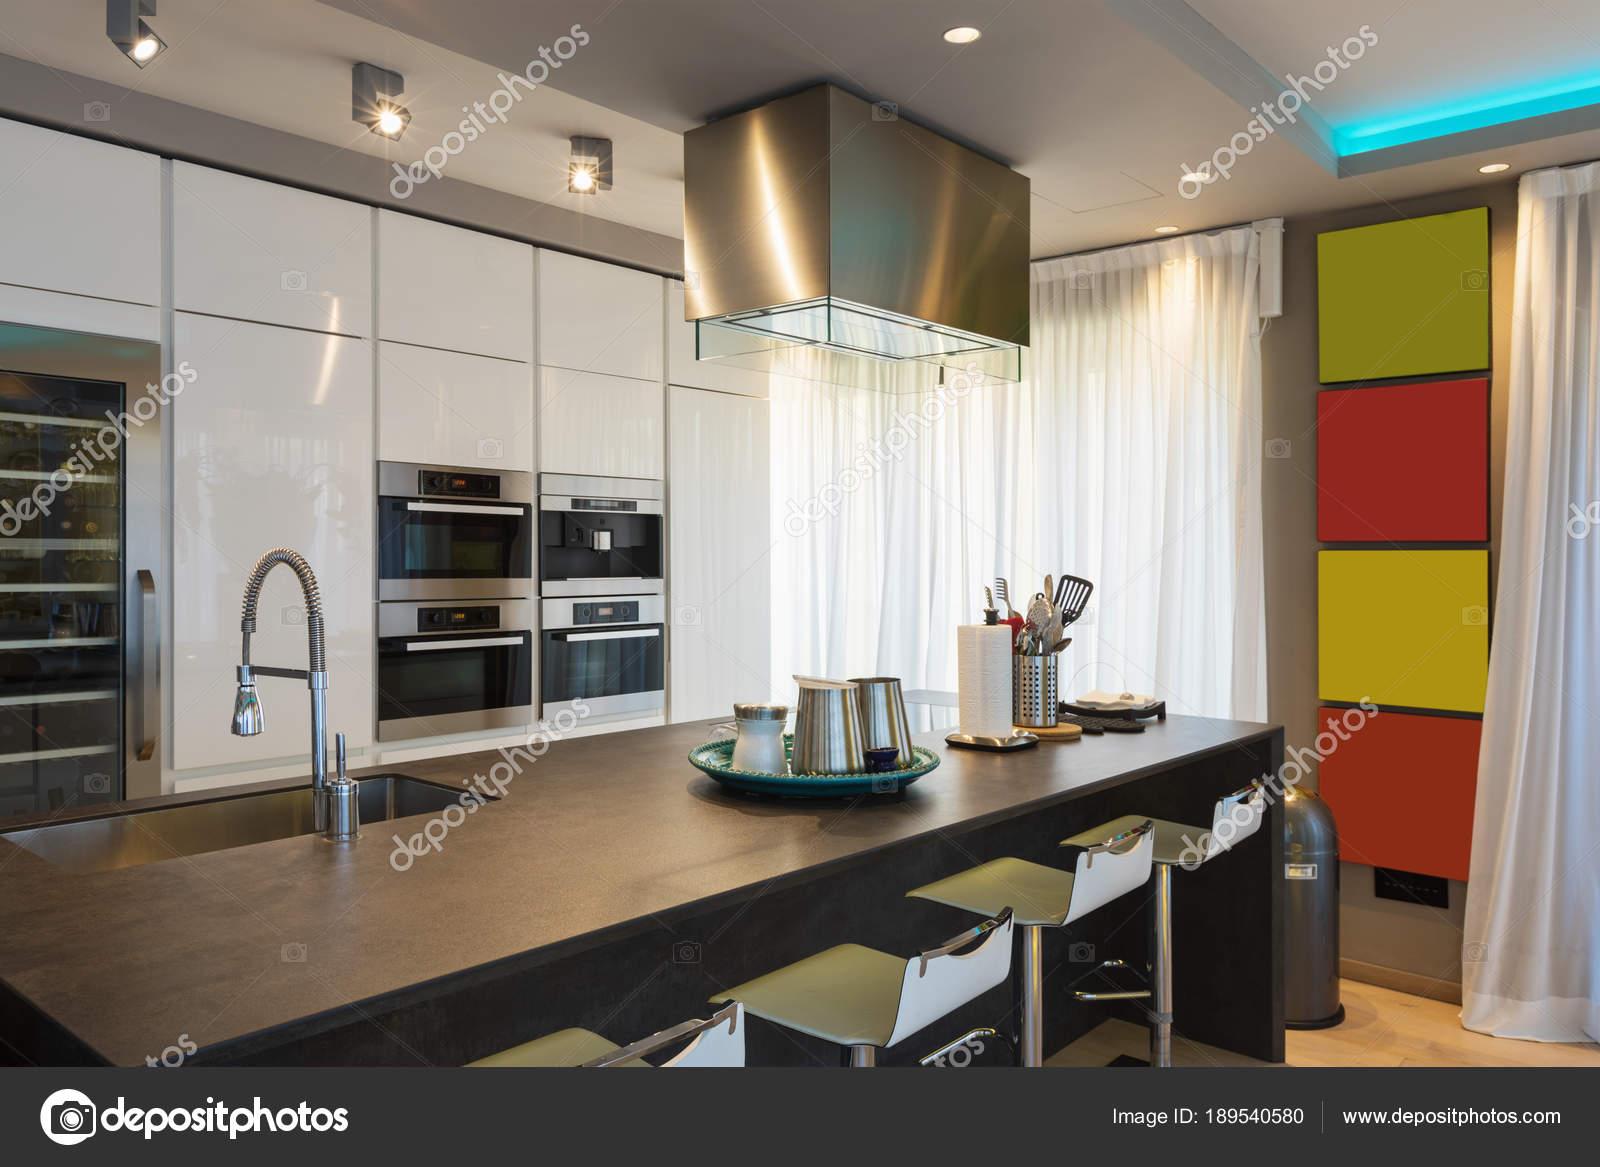 Cozinha Moderna Com Ilha E Fezes Fotografias De Stock Zveiger